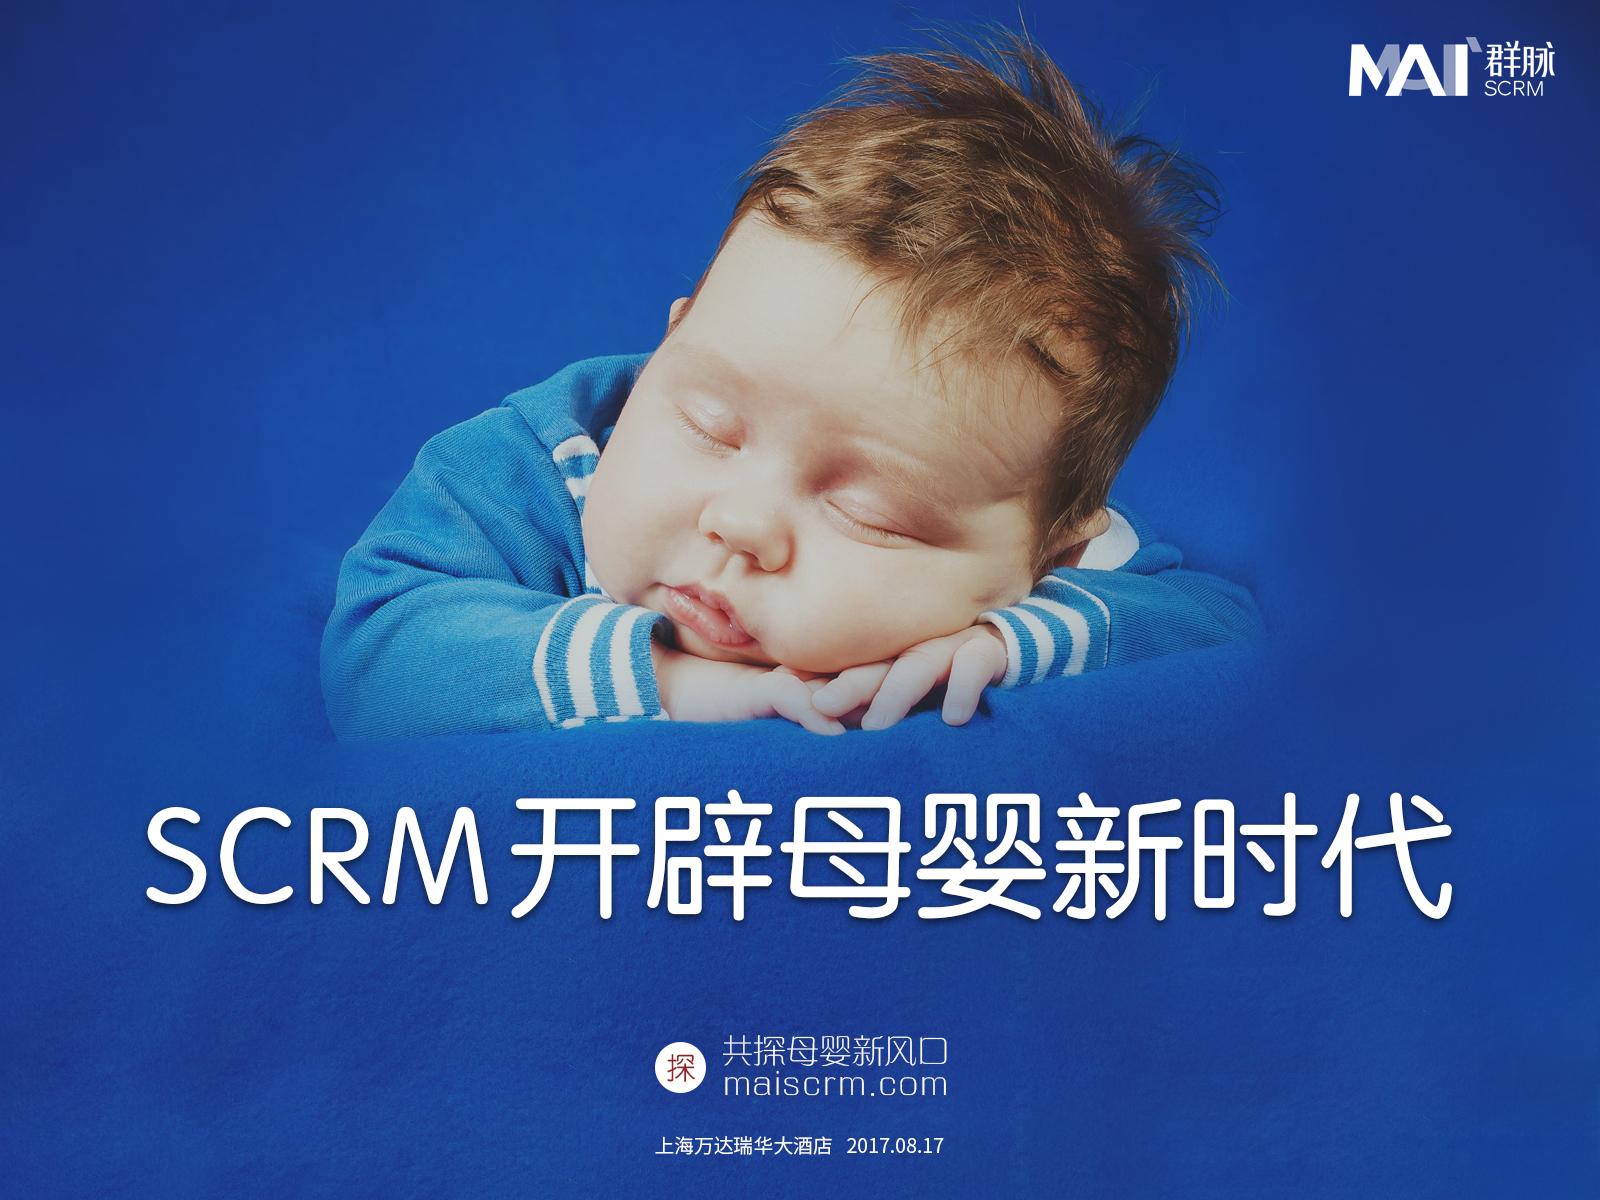 群脉SCRM,母婴,脉沙龙,主轮播